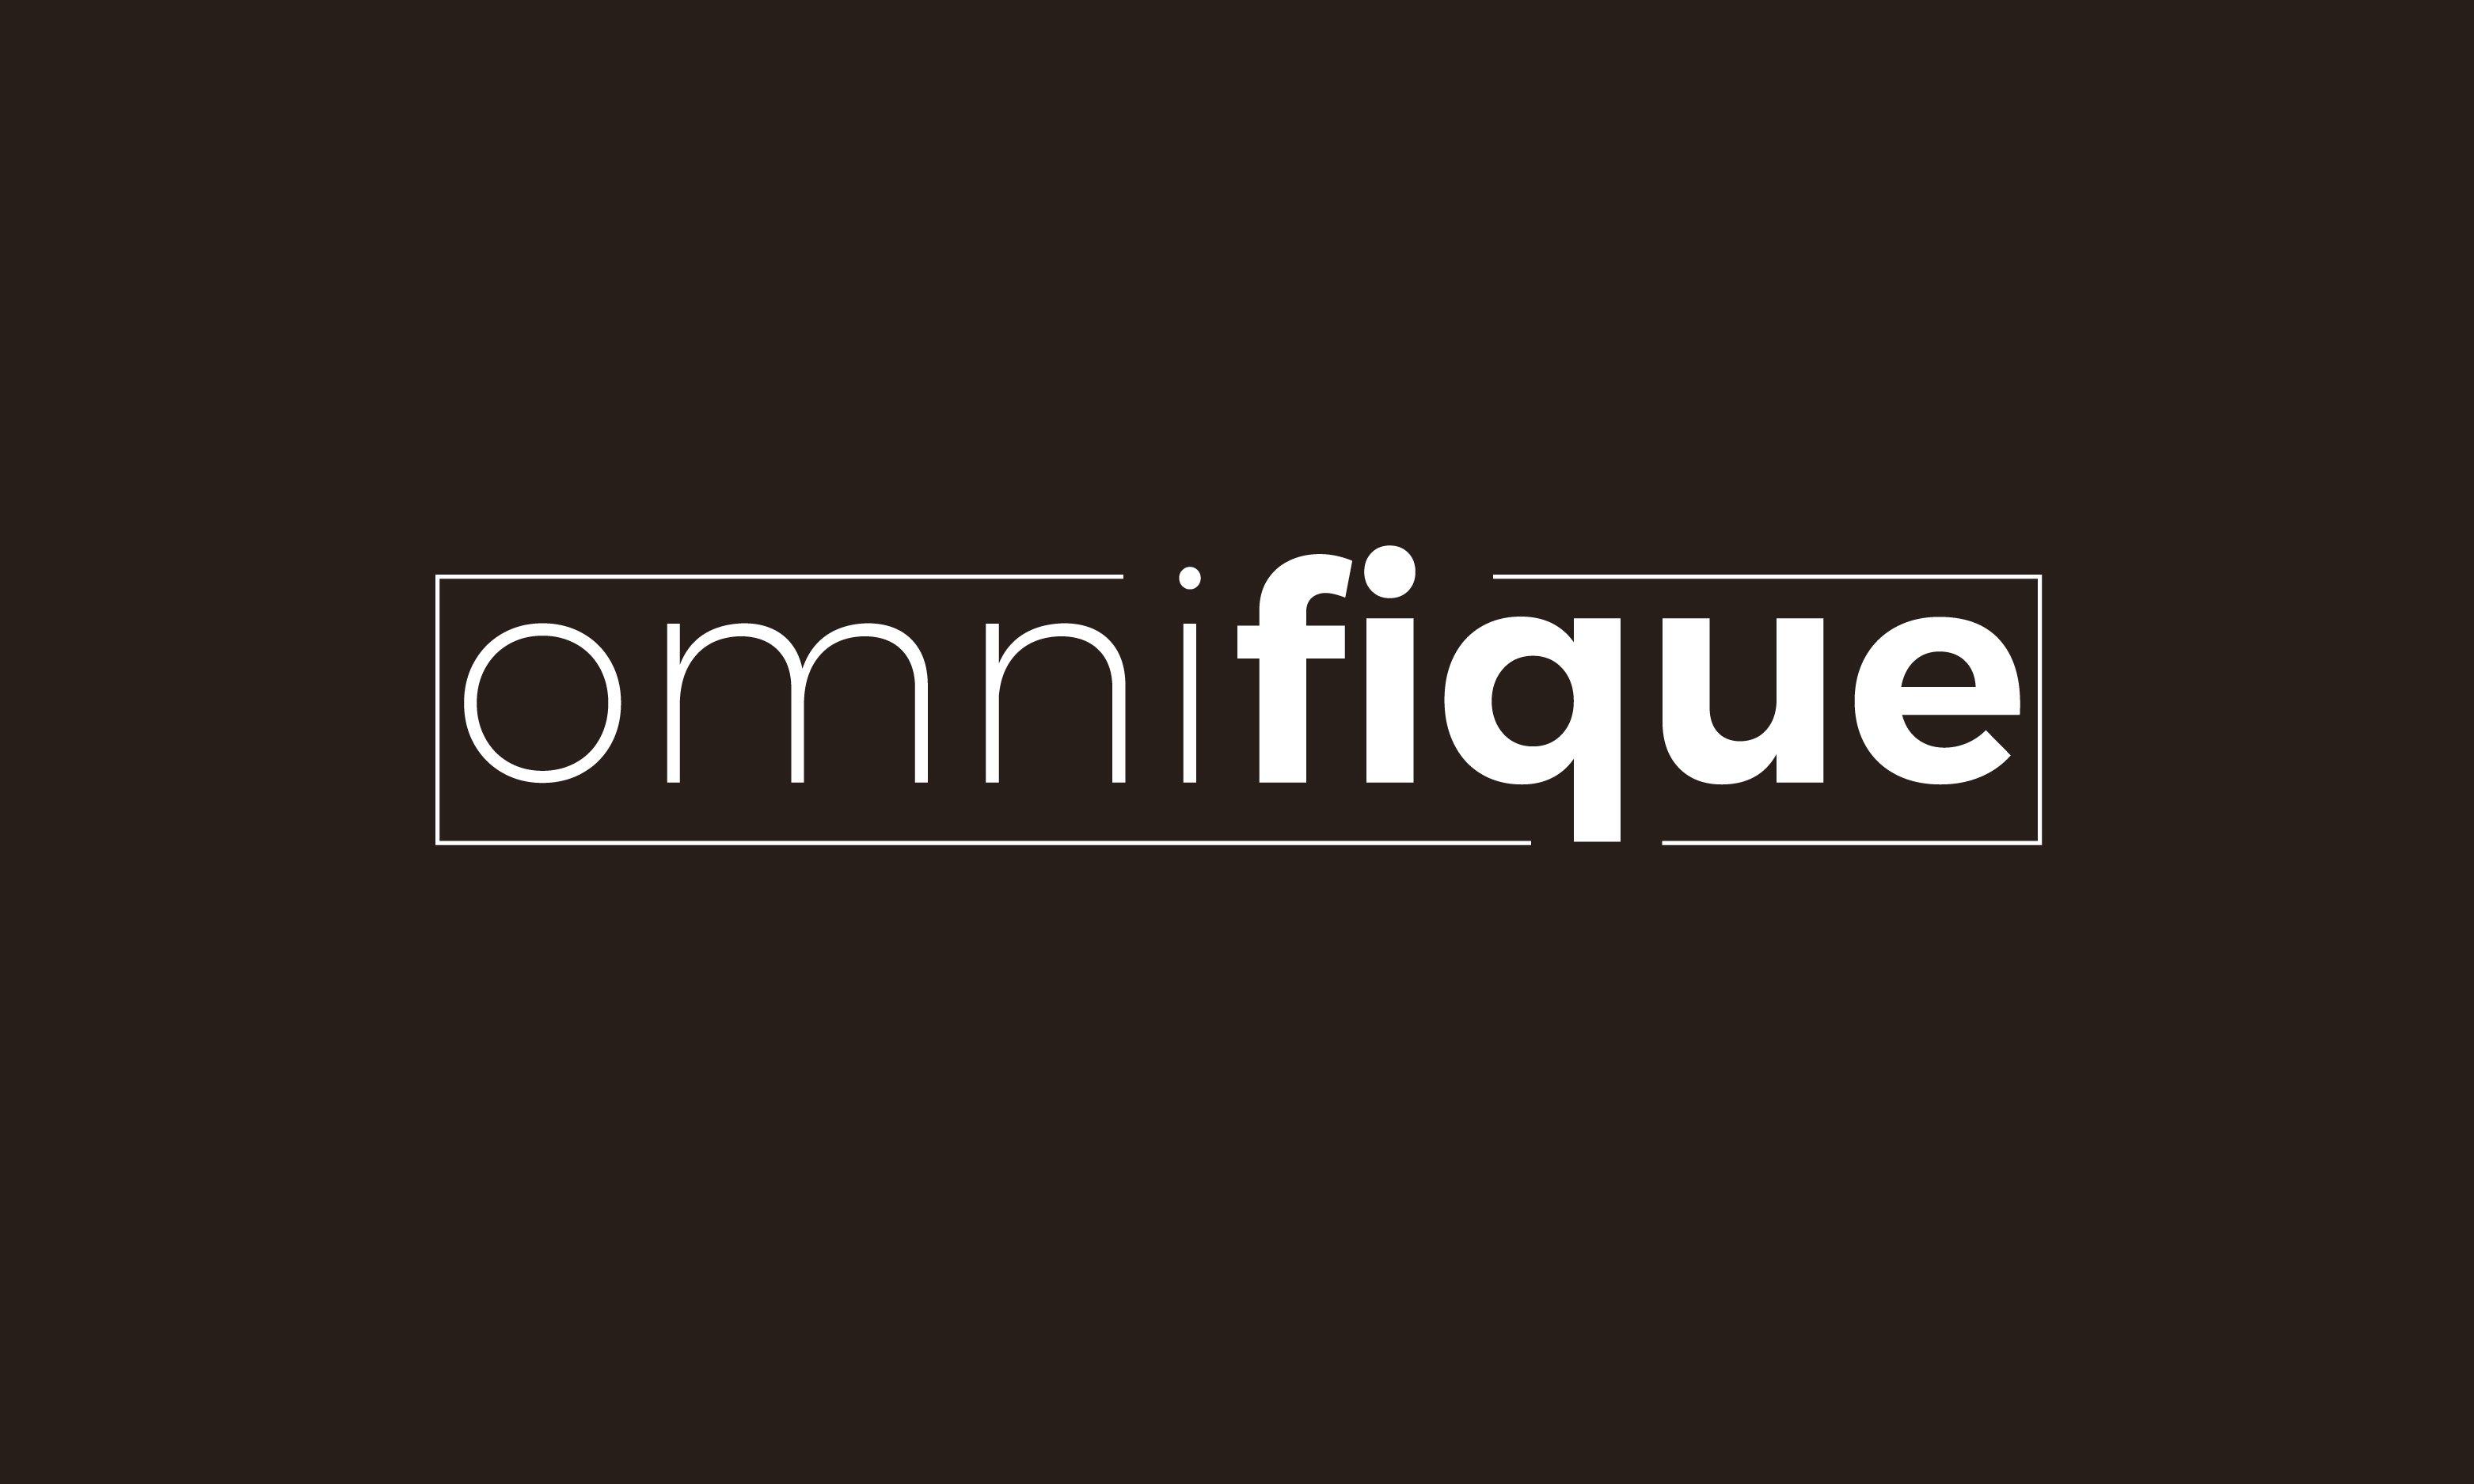 Omnifique.com